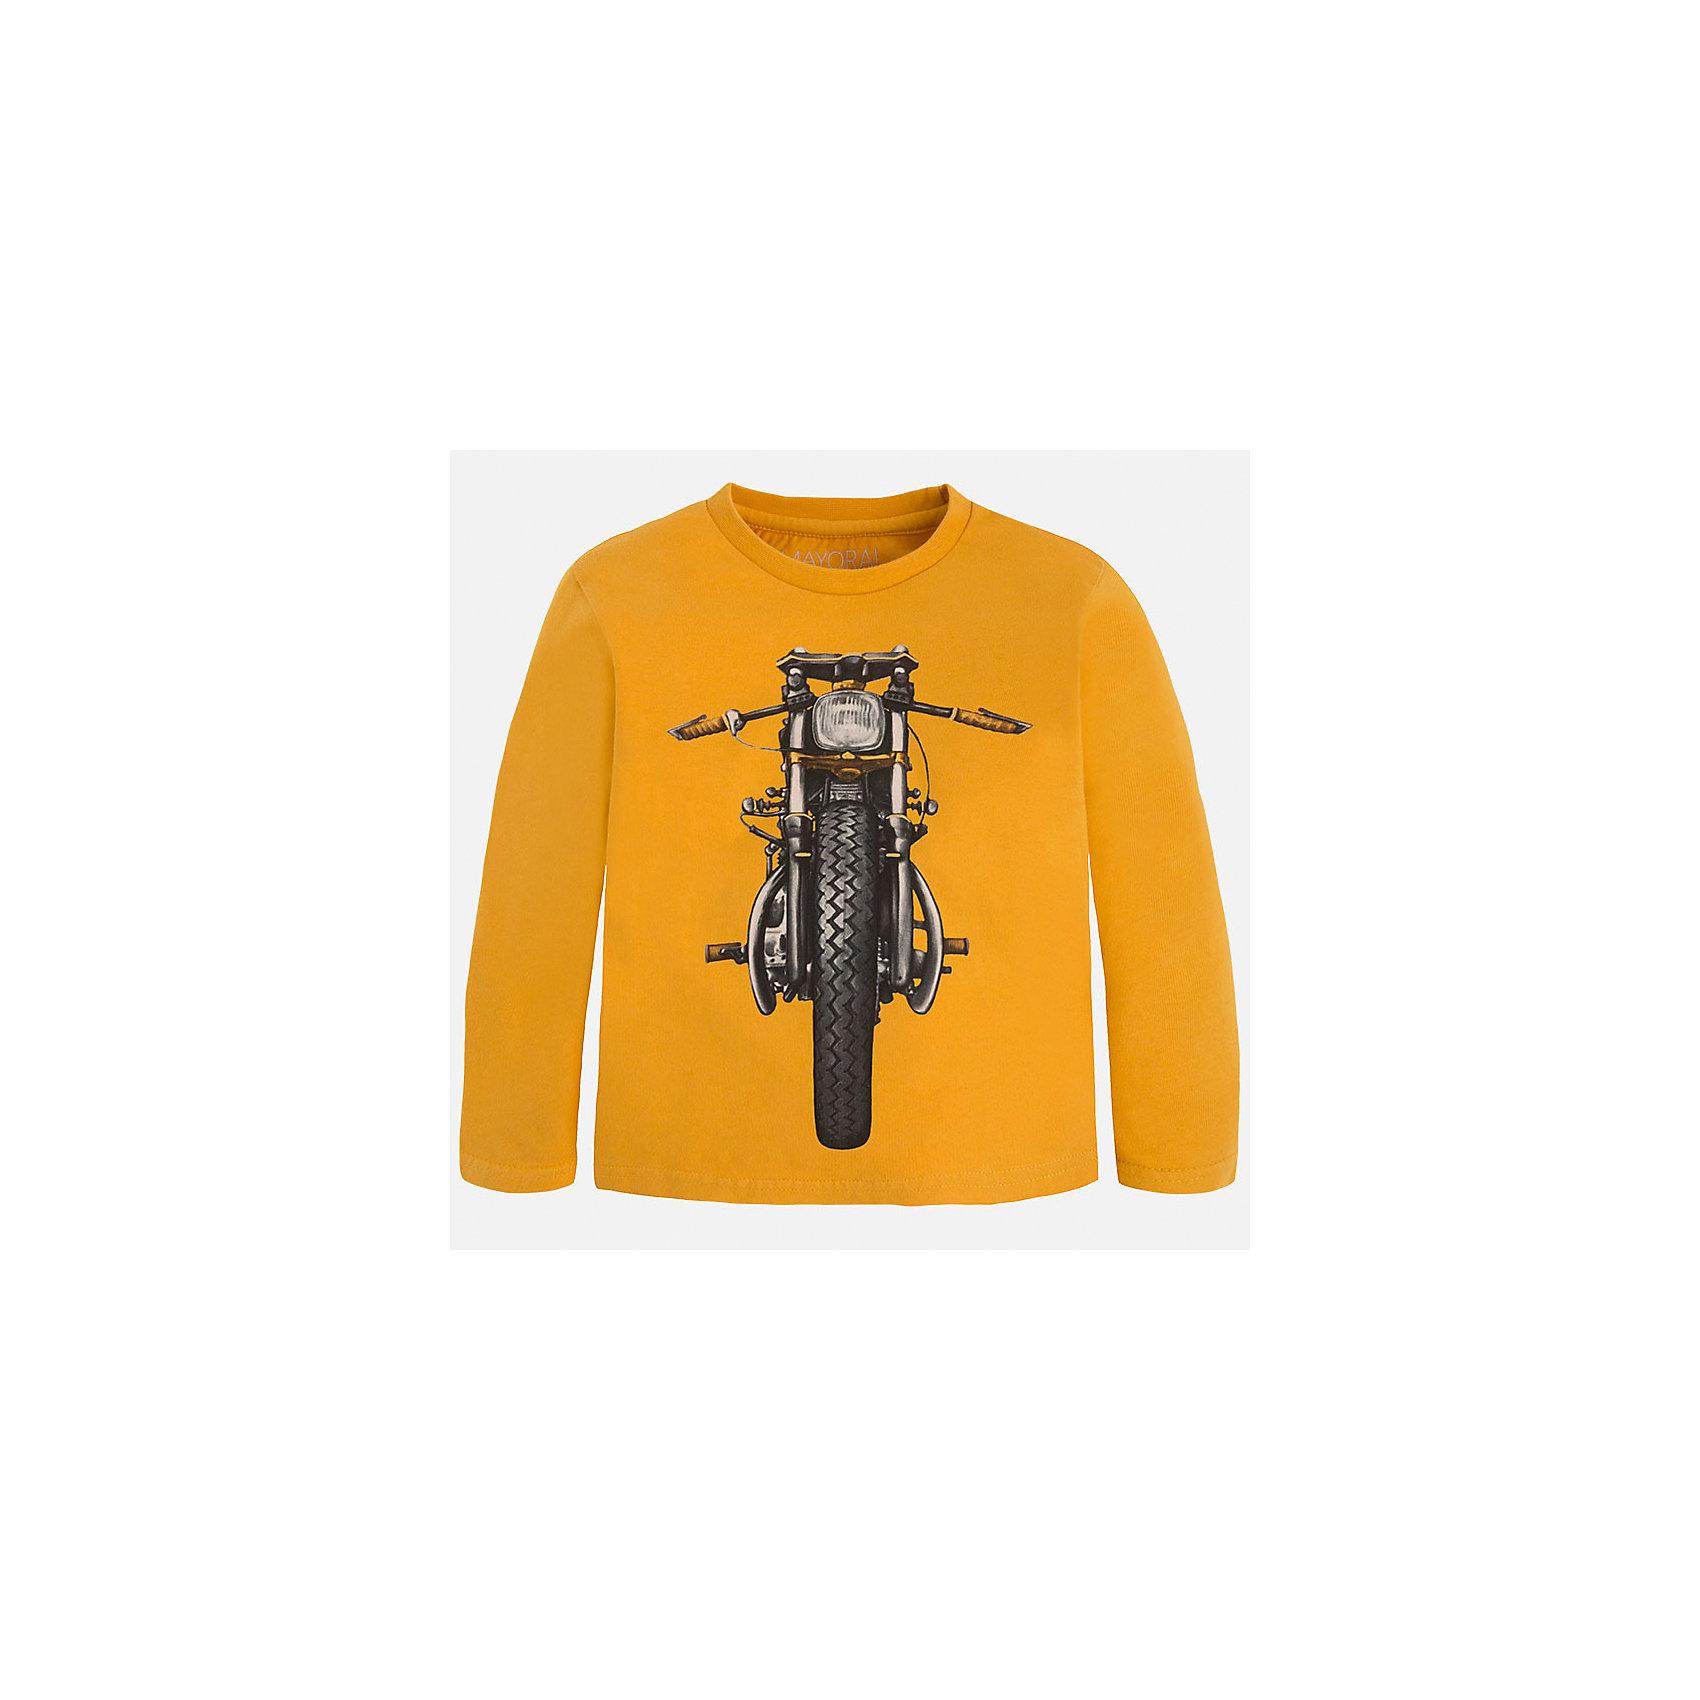 Футболка с длинным рукавом для мальчика MayoralХлопковая футболка с длинными рукавами - это  базовая вещь в любом гардеробе. Благодаря длинным рукавам и легкому составу, ее можно носить в любое время года, а яркий орнамент, подчеркнет индивидуальный стиль Вашего ребенка!<br><br>Дополнительная информация:<br><br>- Крой: прямой крой.<br>- Страна бренда: Испания.<br>- Состав: хлопок 100%.<br>- Цвет: желтый.<br>- Уход: бережная стирка при 30 градусах.<br><br>Купить футболку с длинным рукавом для мальчика, от  Mayoral, можно в нашем магазине.<br><br>Ширина мм: 230<br>Глубина мм: 40<br>Высота мм: 220<br>Вес г: 250<br>Цвет: бежевый<br>Возраст от месяцев: 108<br>Возраст до месяцев: 120<br>Пол: Мужской<br>Возраст: Детский<br>Размер: 134,128,104,98,110,122,116<br>SKU: 4821880